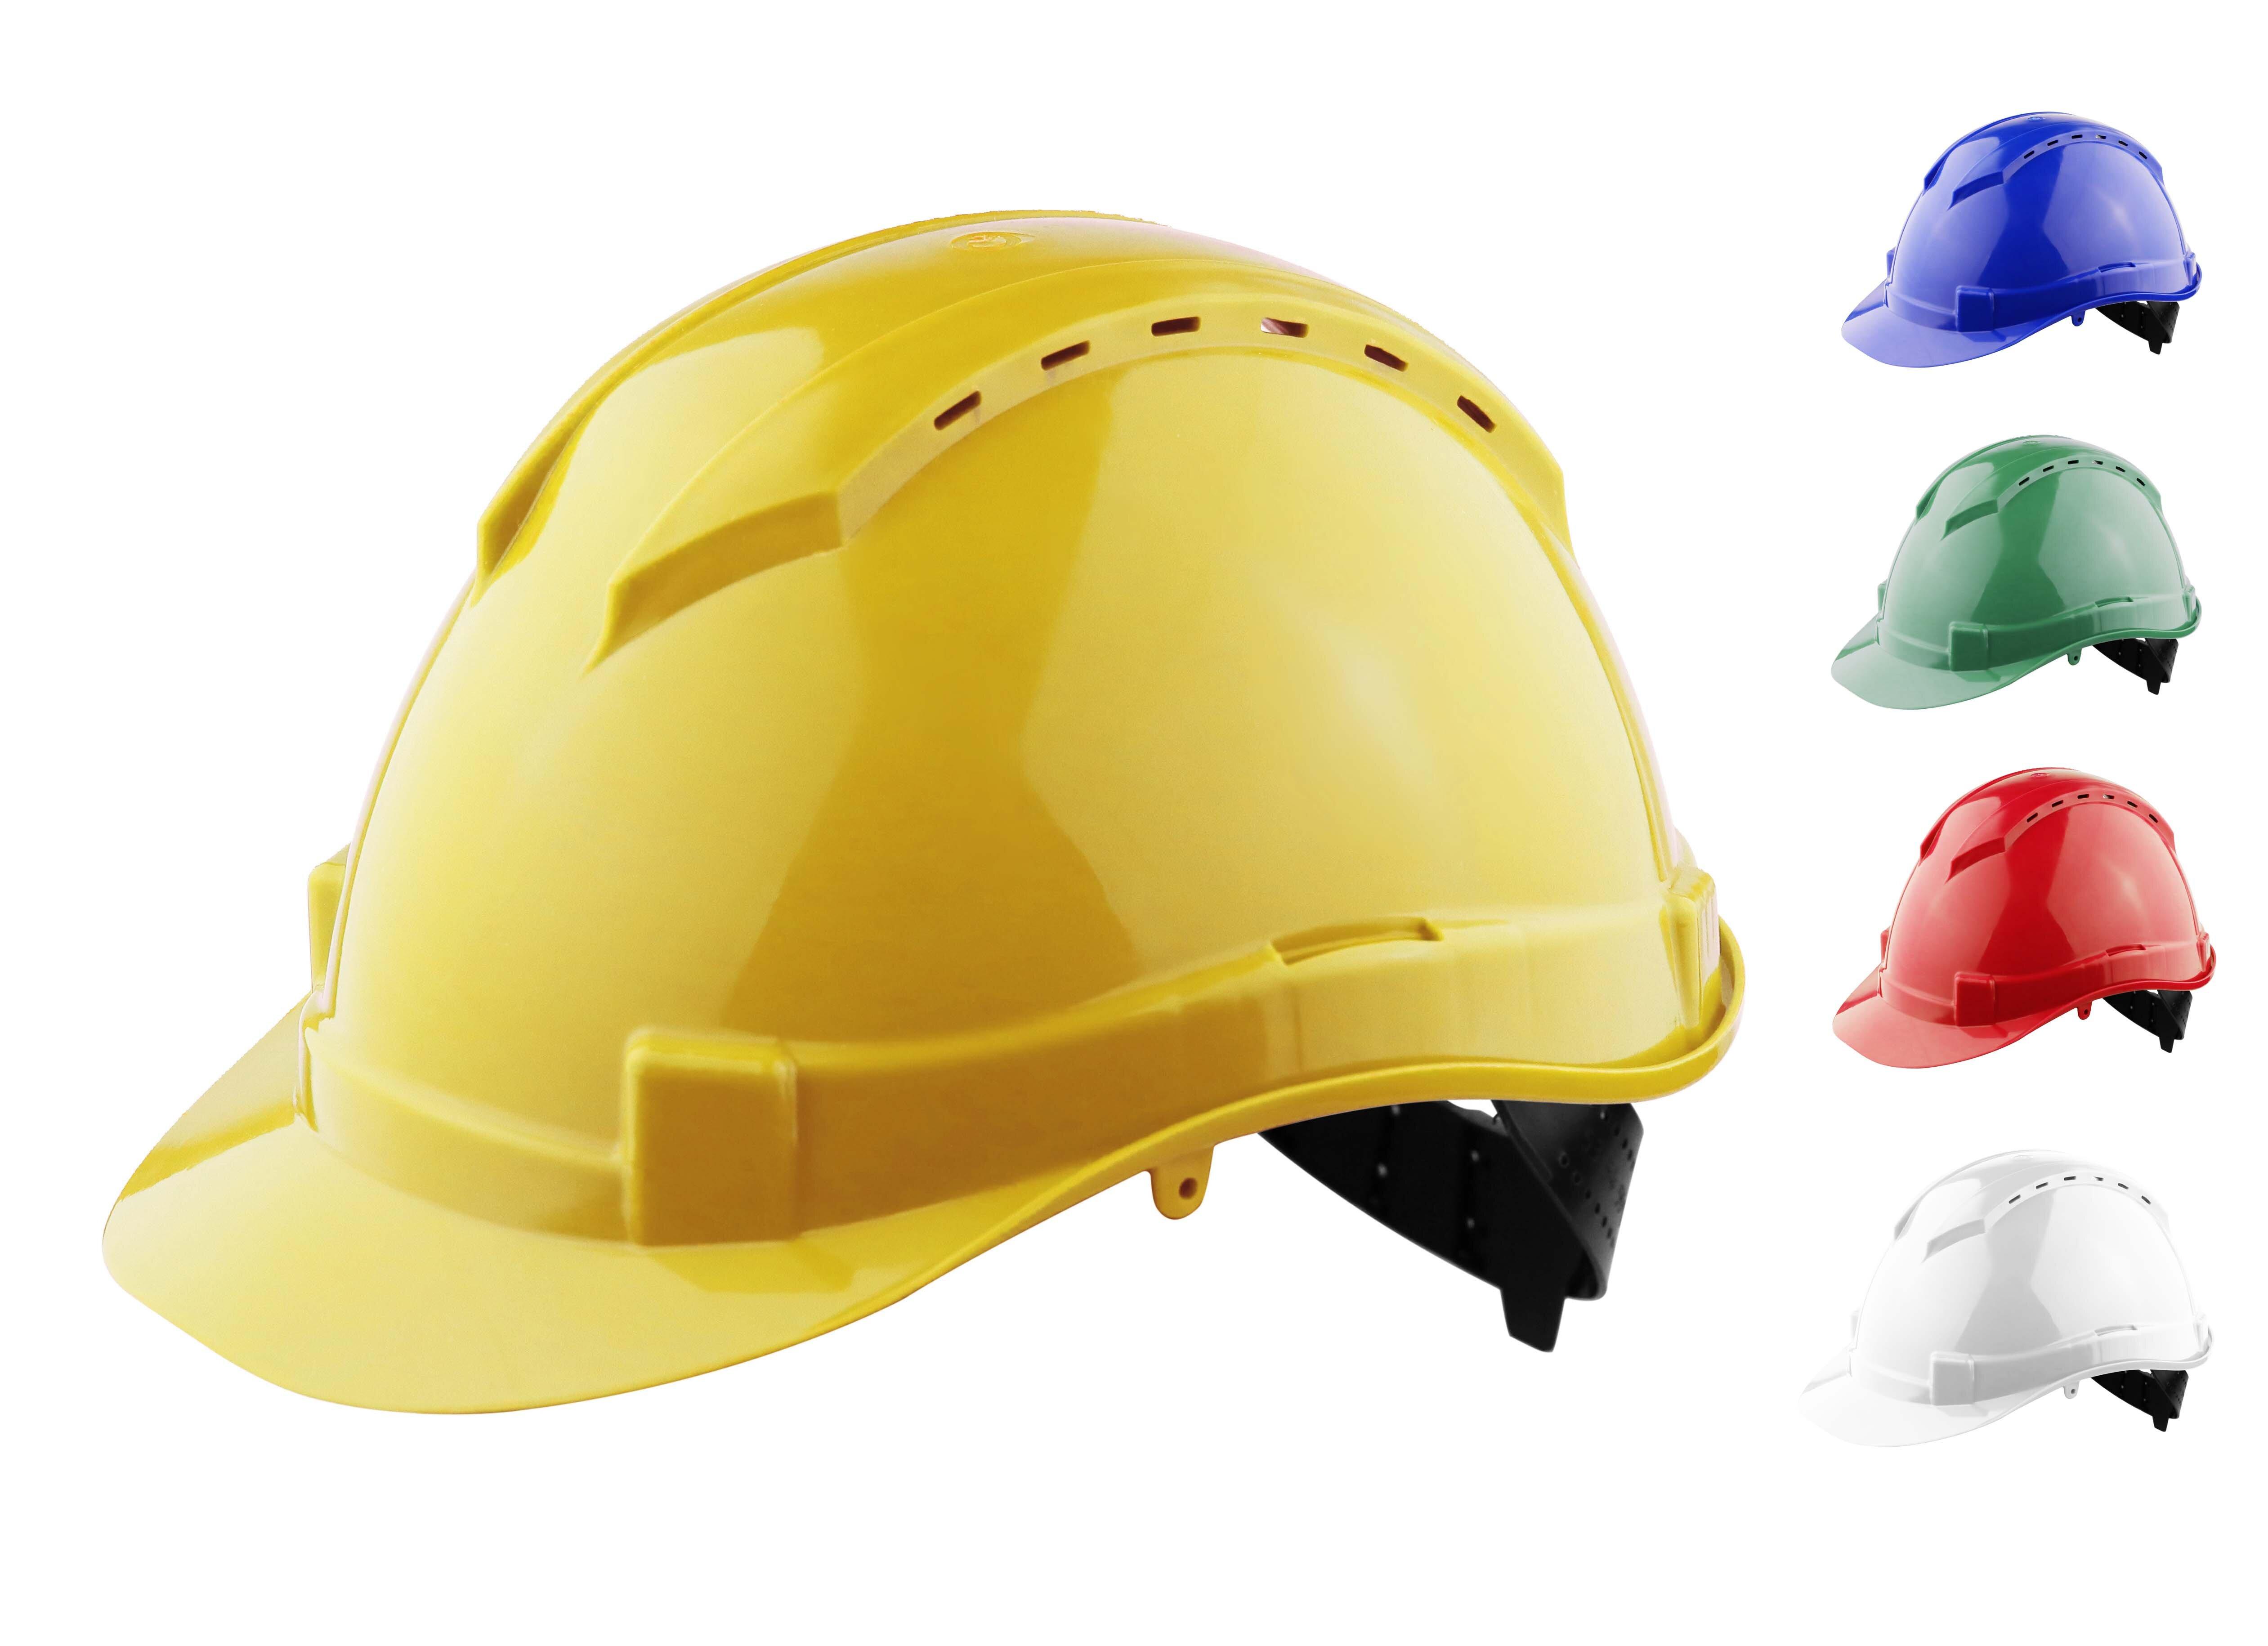 REDBACK Apex Comfort Plus Hard Hat/Helmet (Terylene Harness)